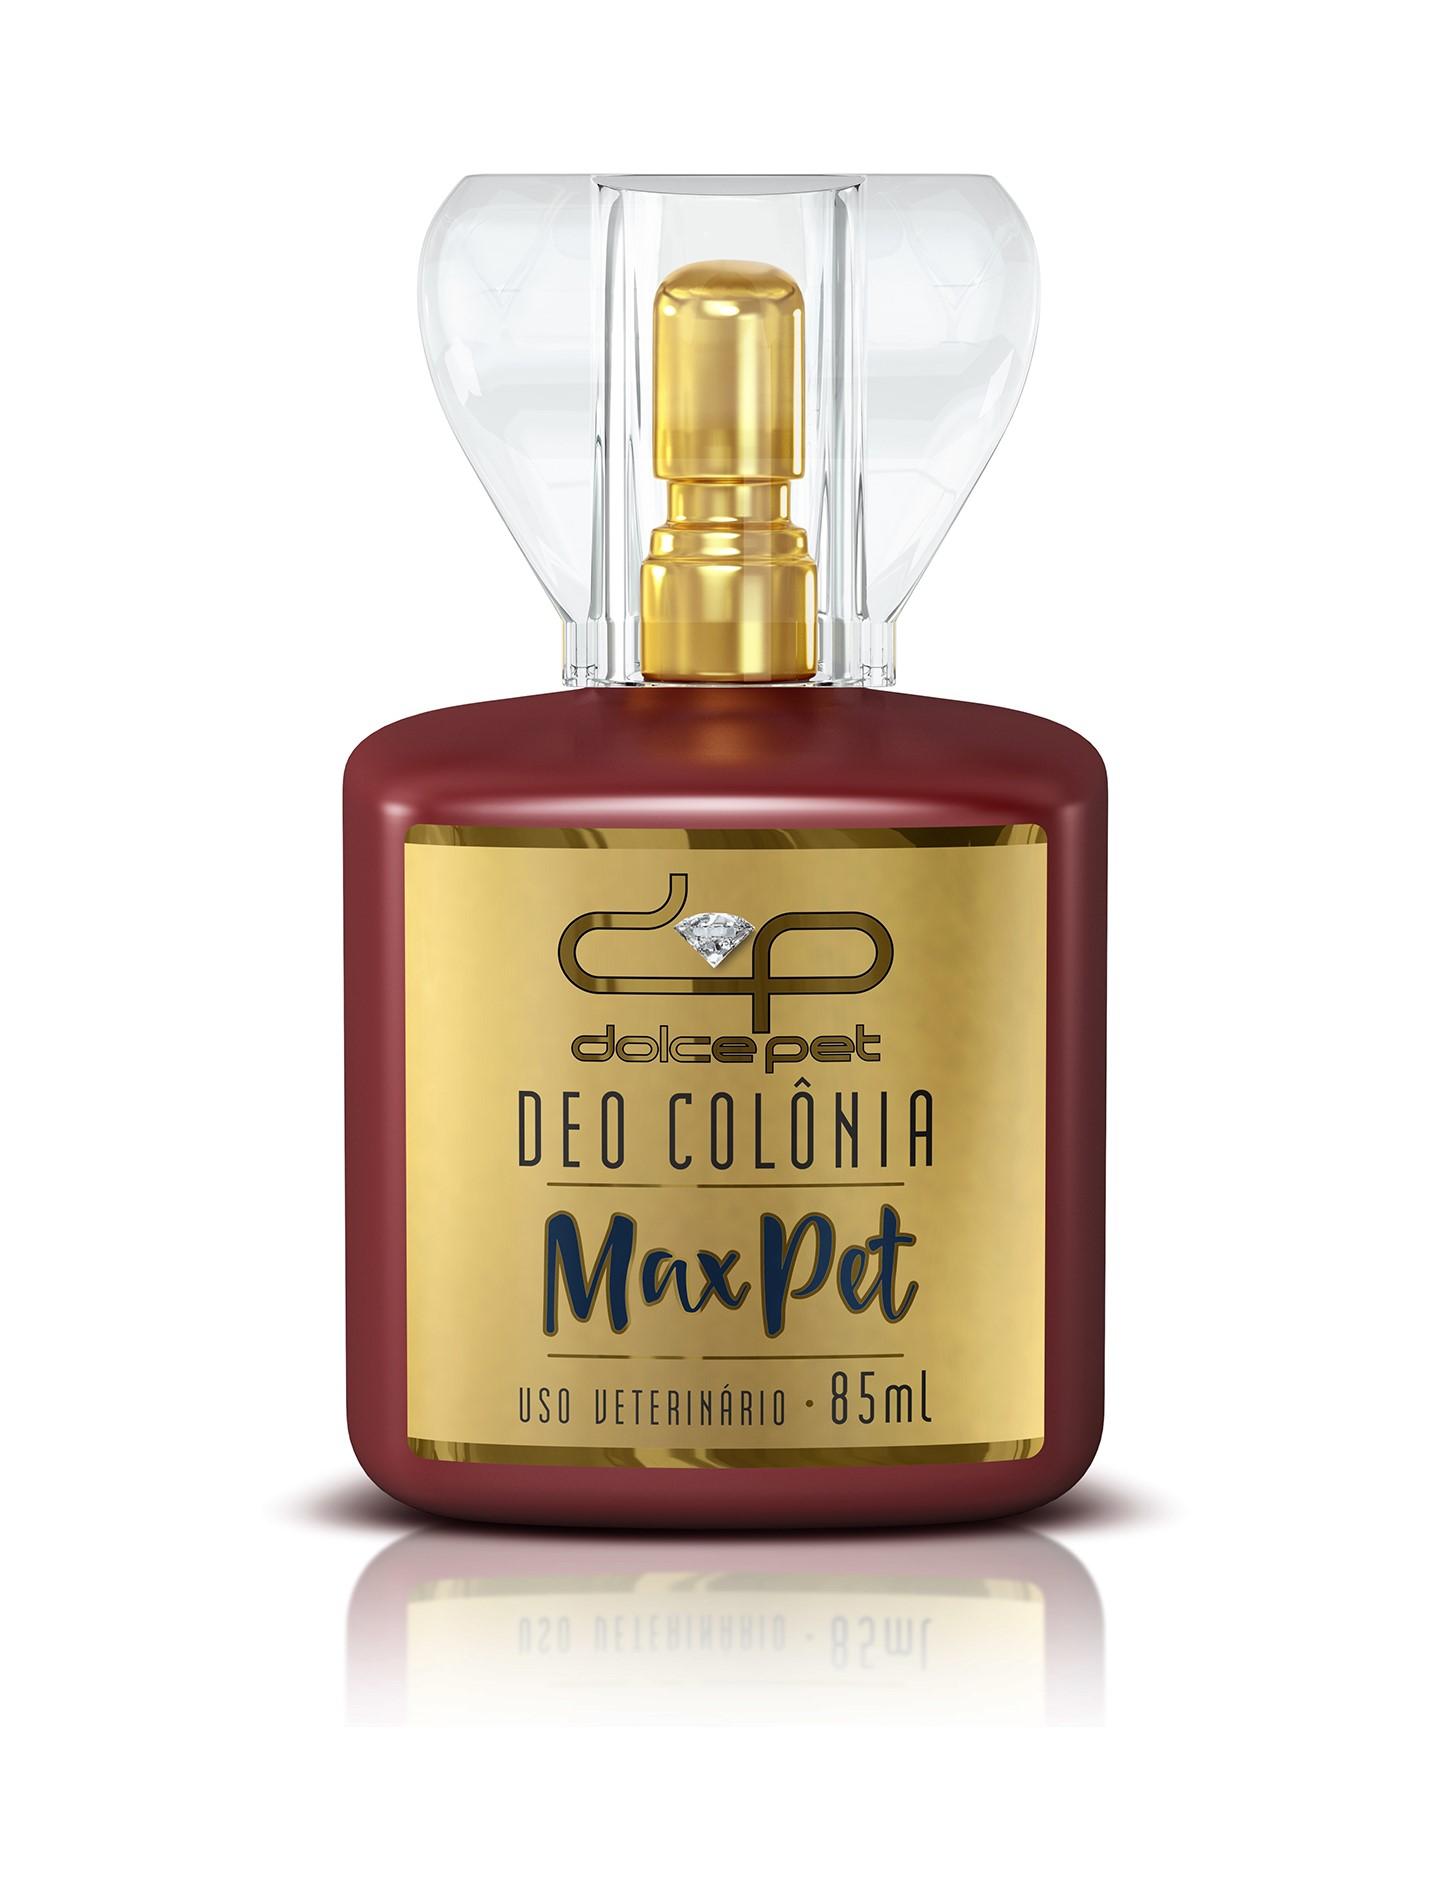 Dolce Pet Deo Colônia Max Pet 85ml